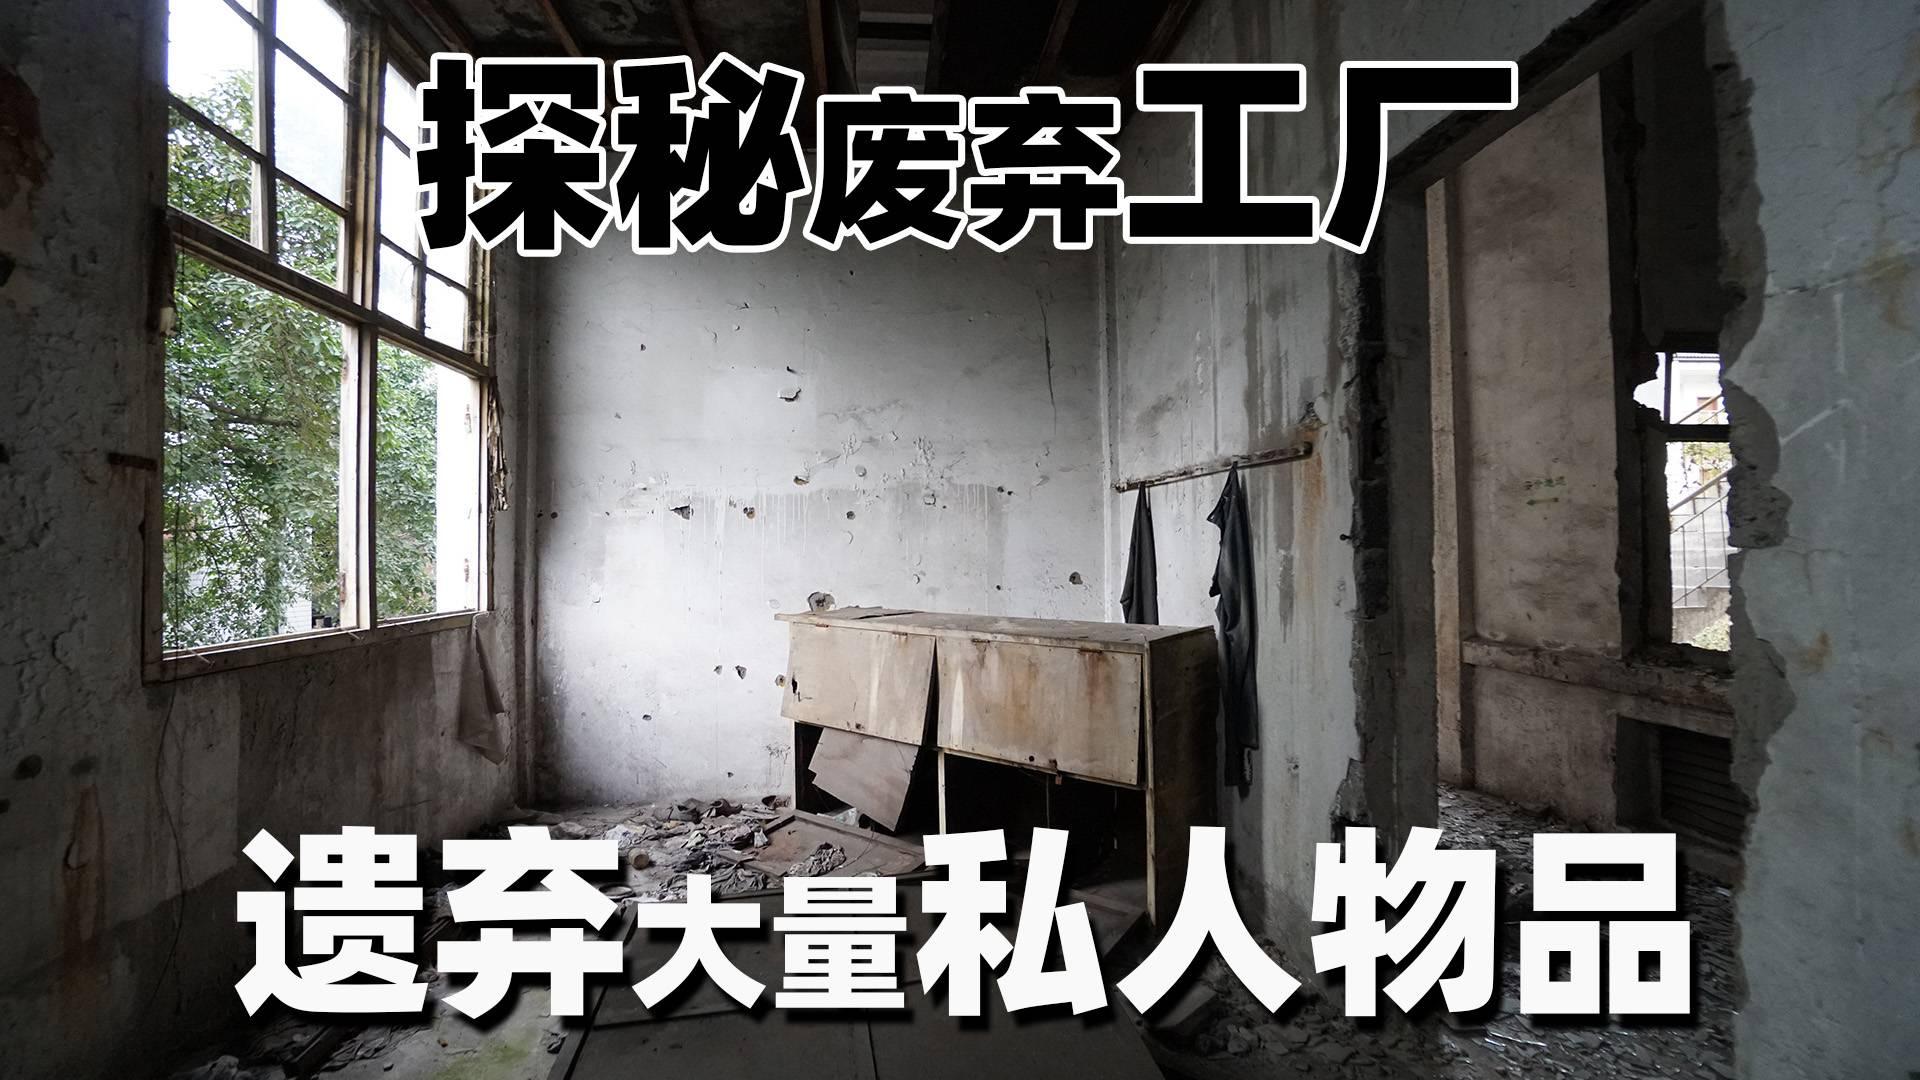 探秘废弃工厂,遗弃大量私人物品